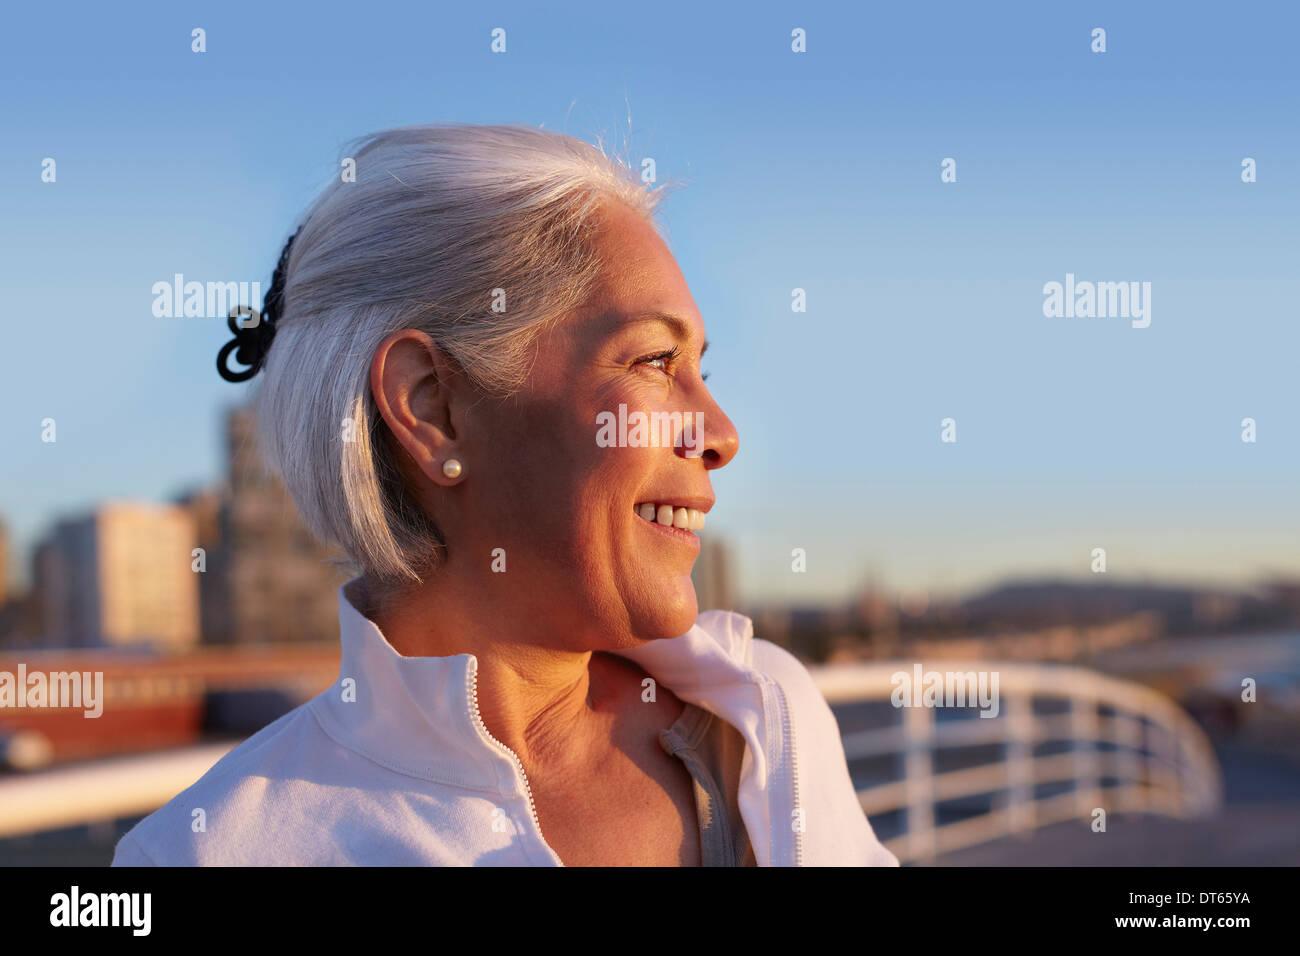 Cerrar el perfil de plateados cabellos mujer madura Imagen De Stock